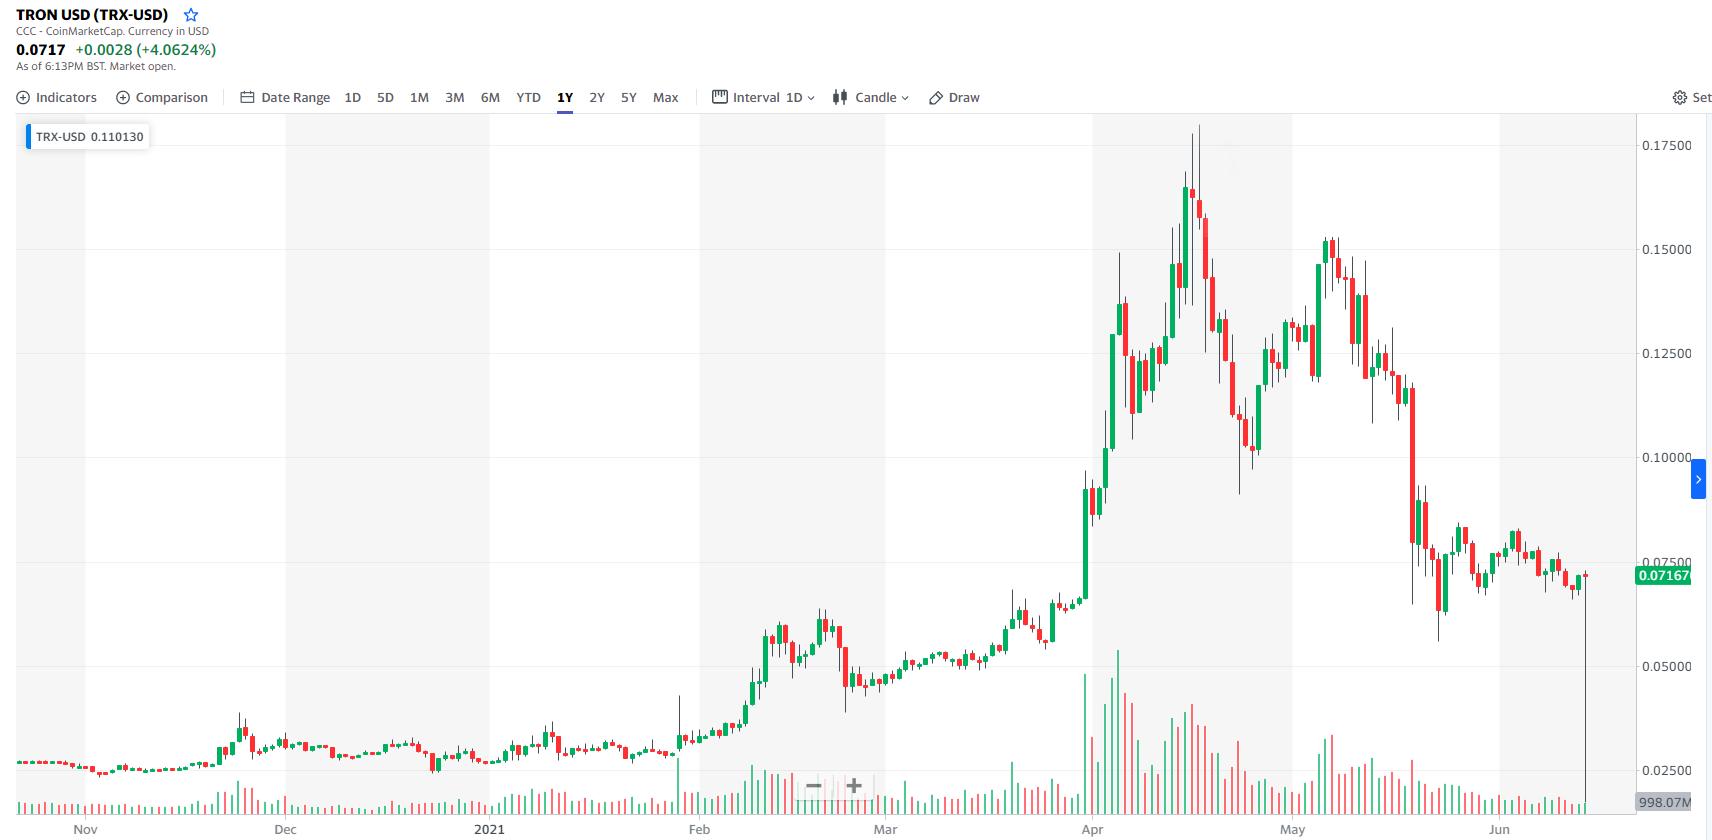 TRX/USD chart